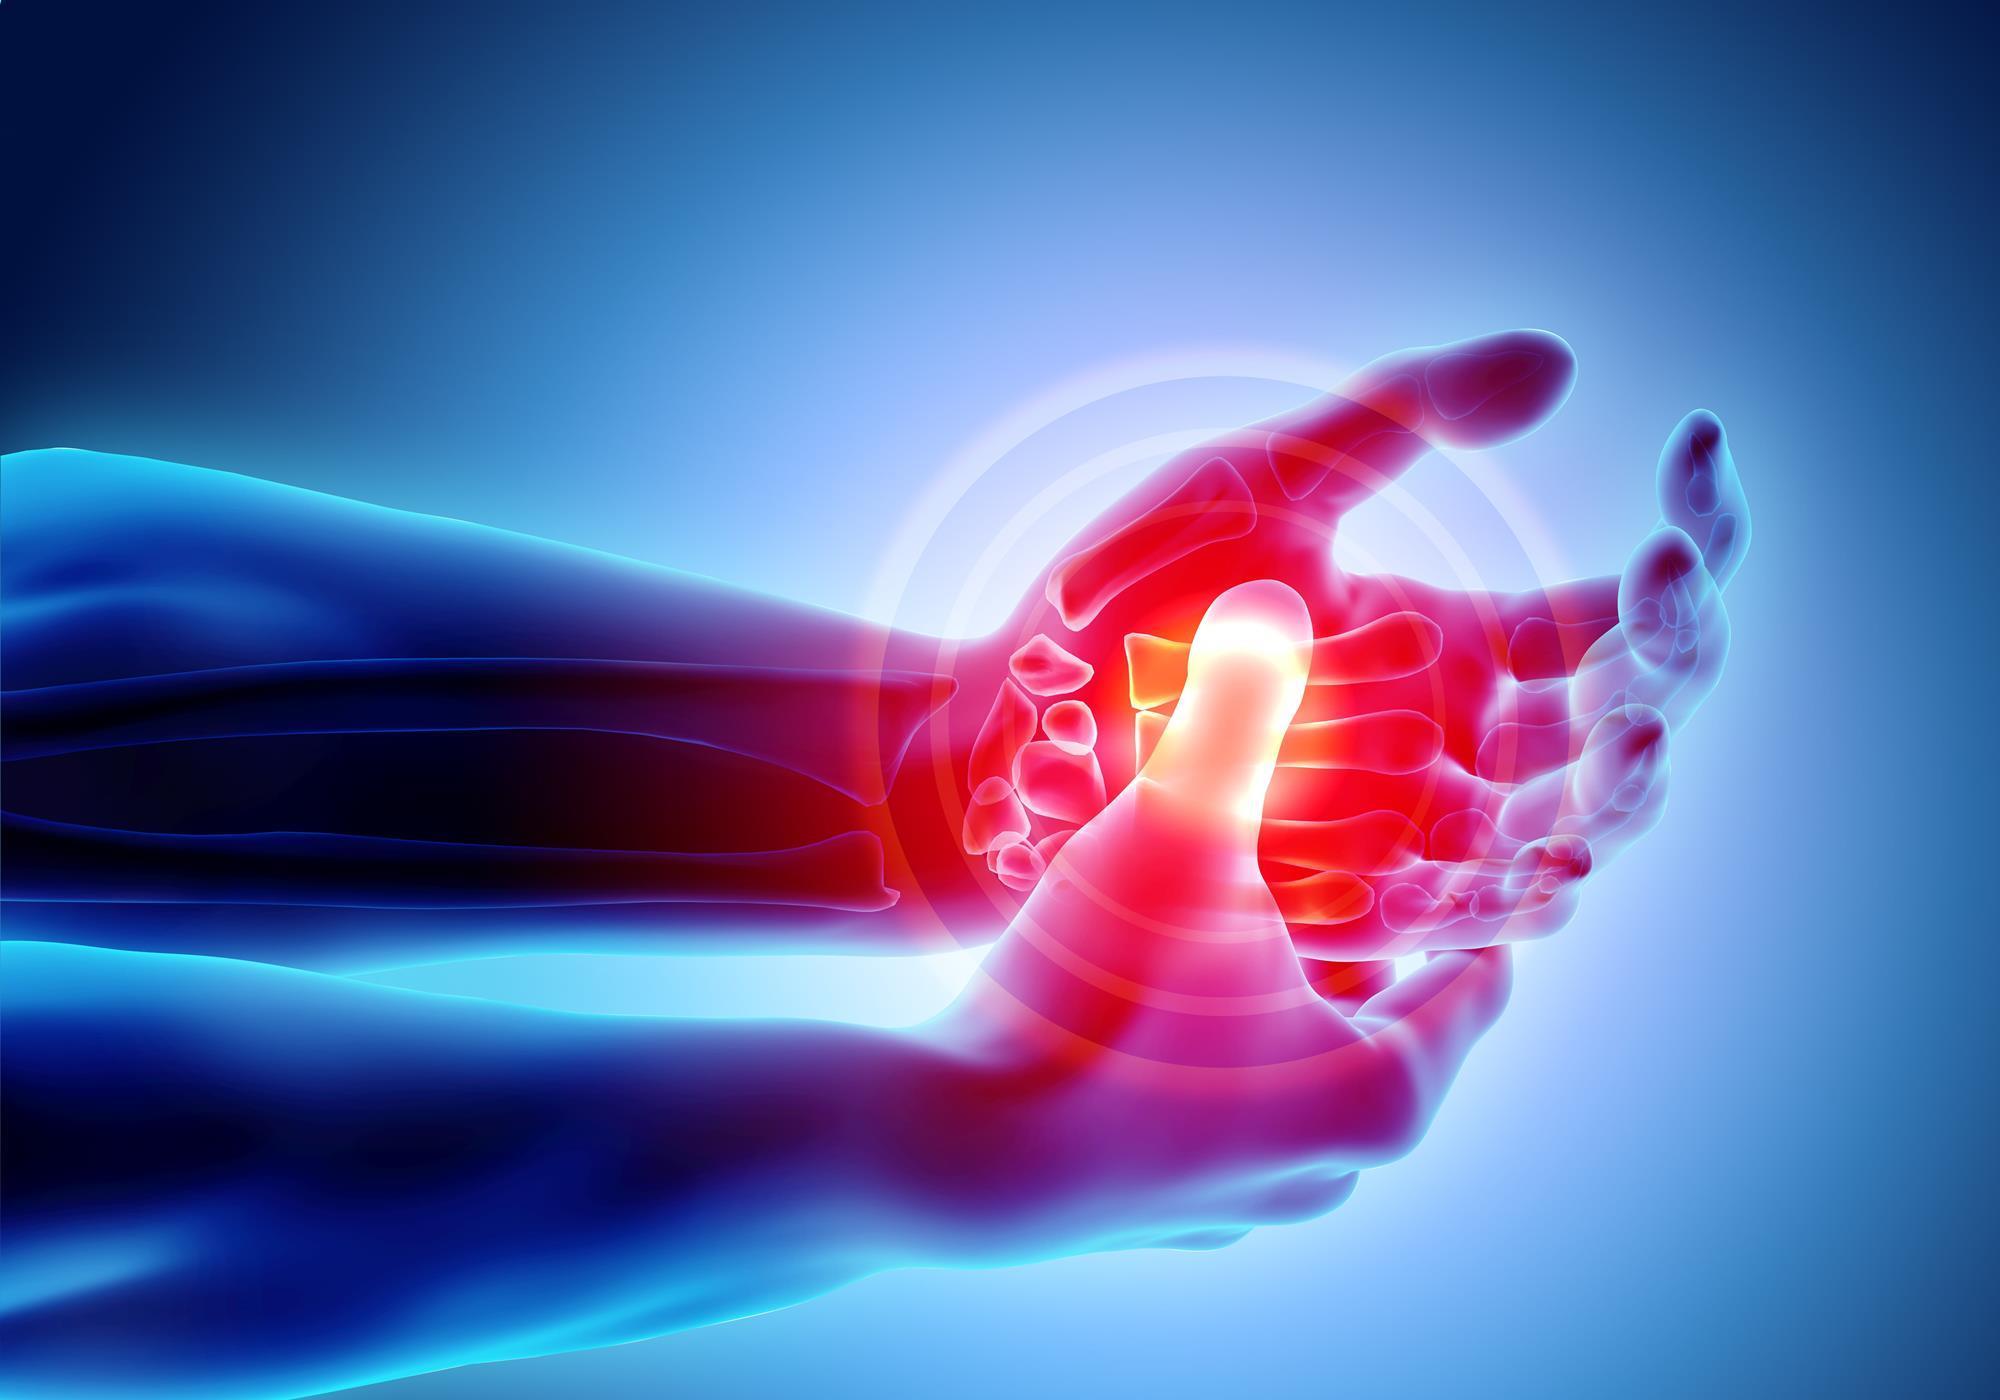 Ρευματοειδής Αρθρίτιδα: Πρώιμα συμπτώματα πριν την εμφάνιση πόνου και δυσκαμψίας